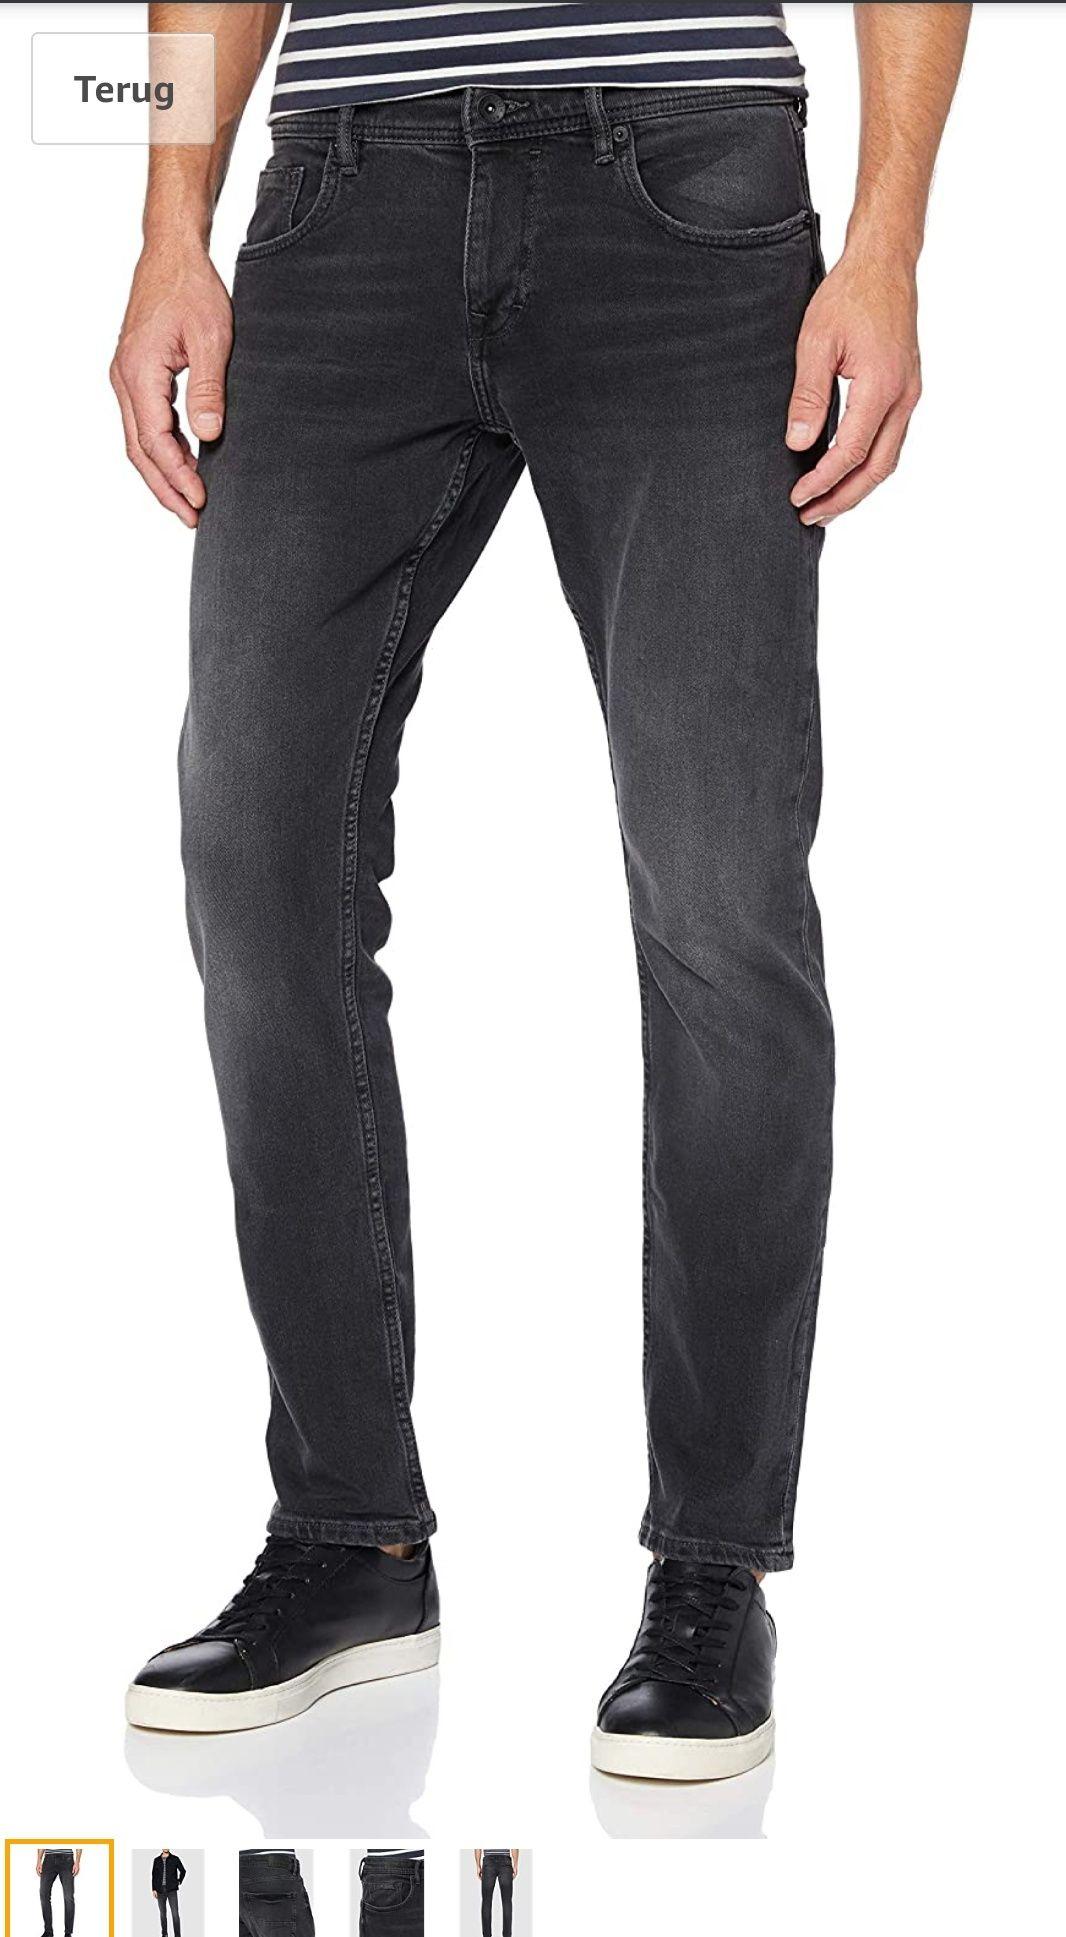 Esprit spijkerbroek heren 5 pocket